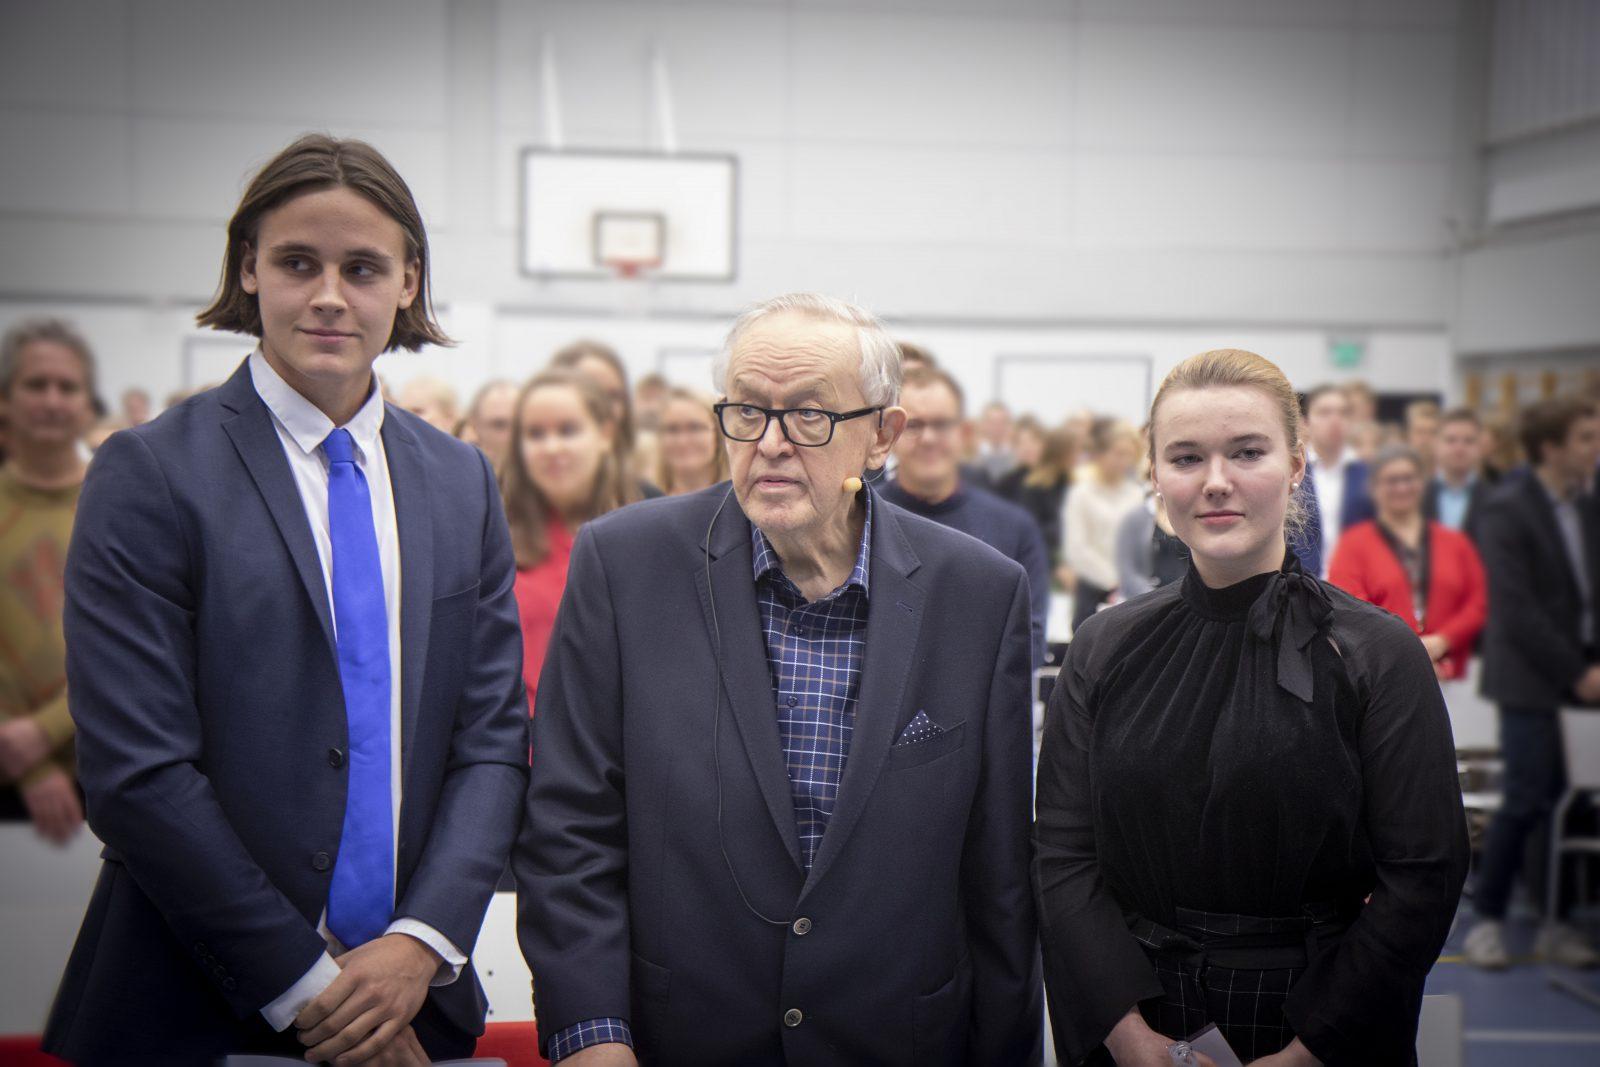 Sovittelijaoppilaina palkittiin Mattlidens gymnasiumista Edvin Voutilainen ja Espoonlahden lukiosta Mette Bergman.